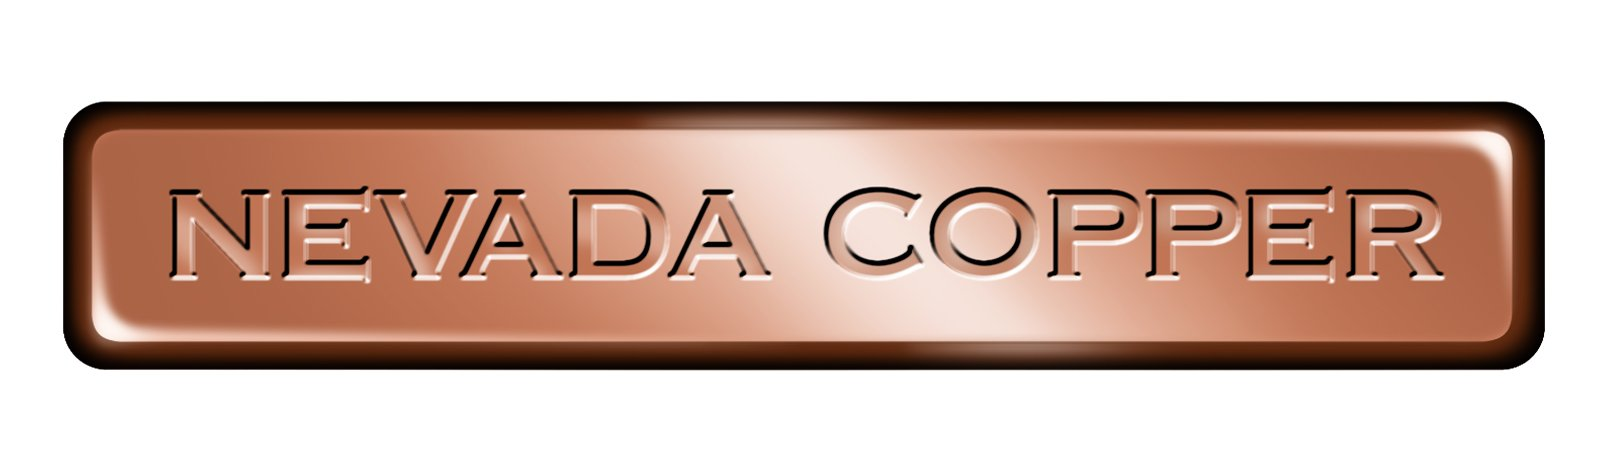 Nevada Copper Corp logo